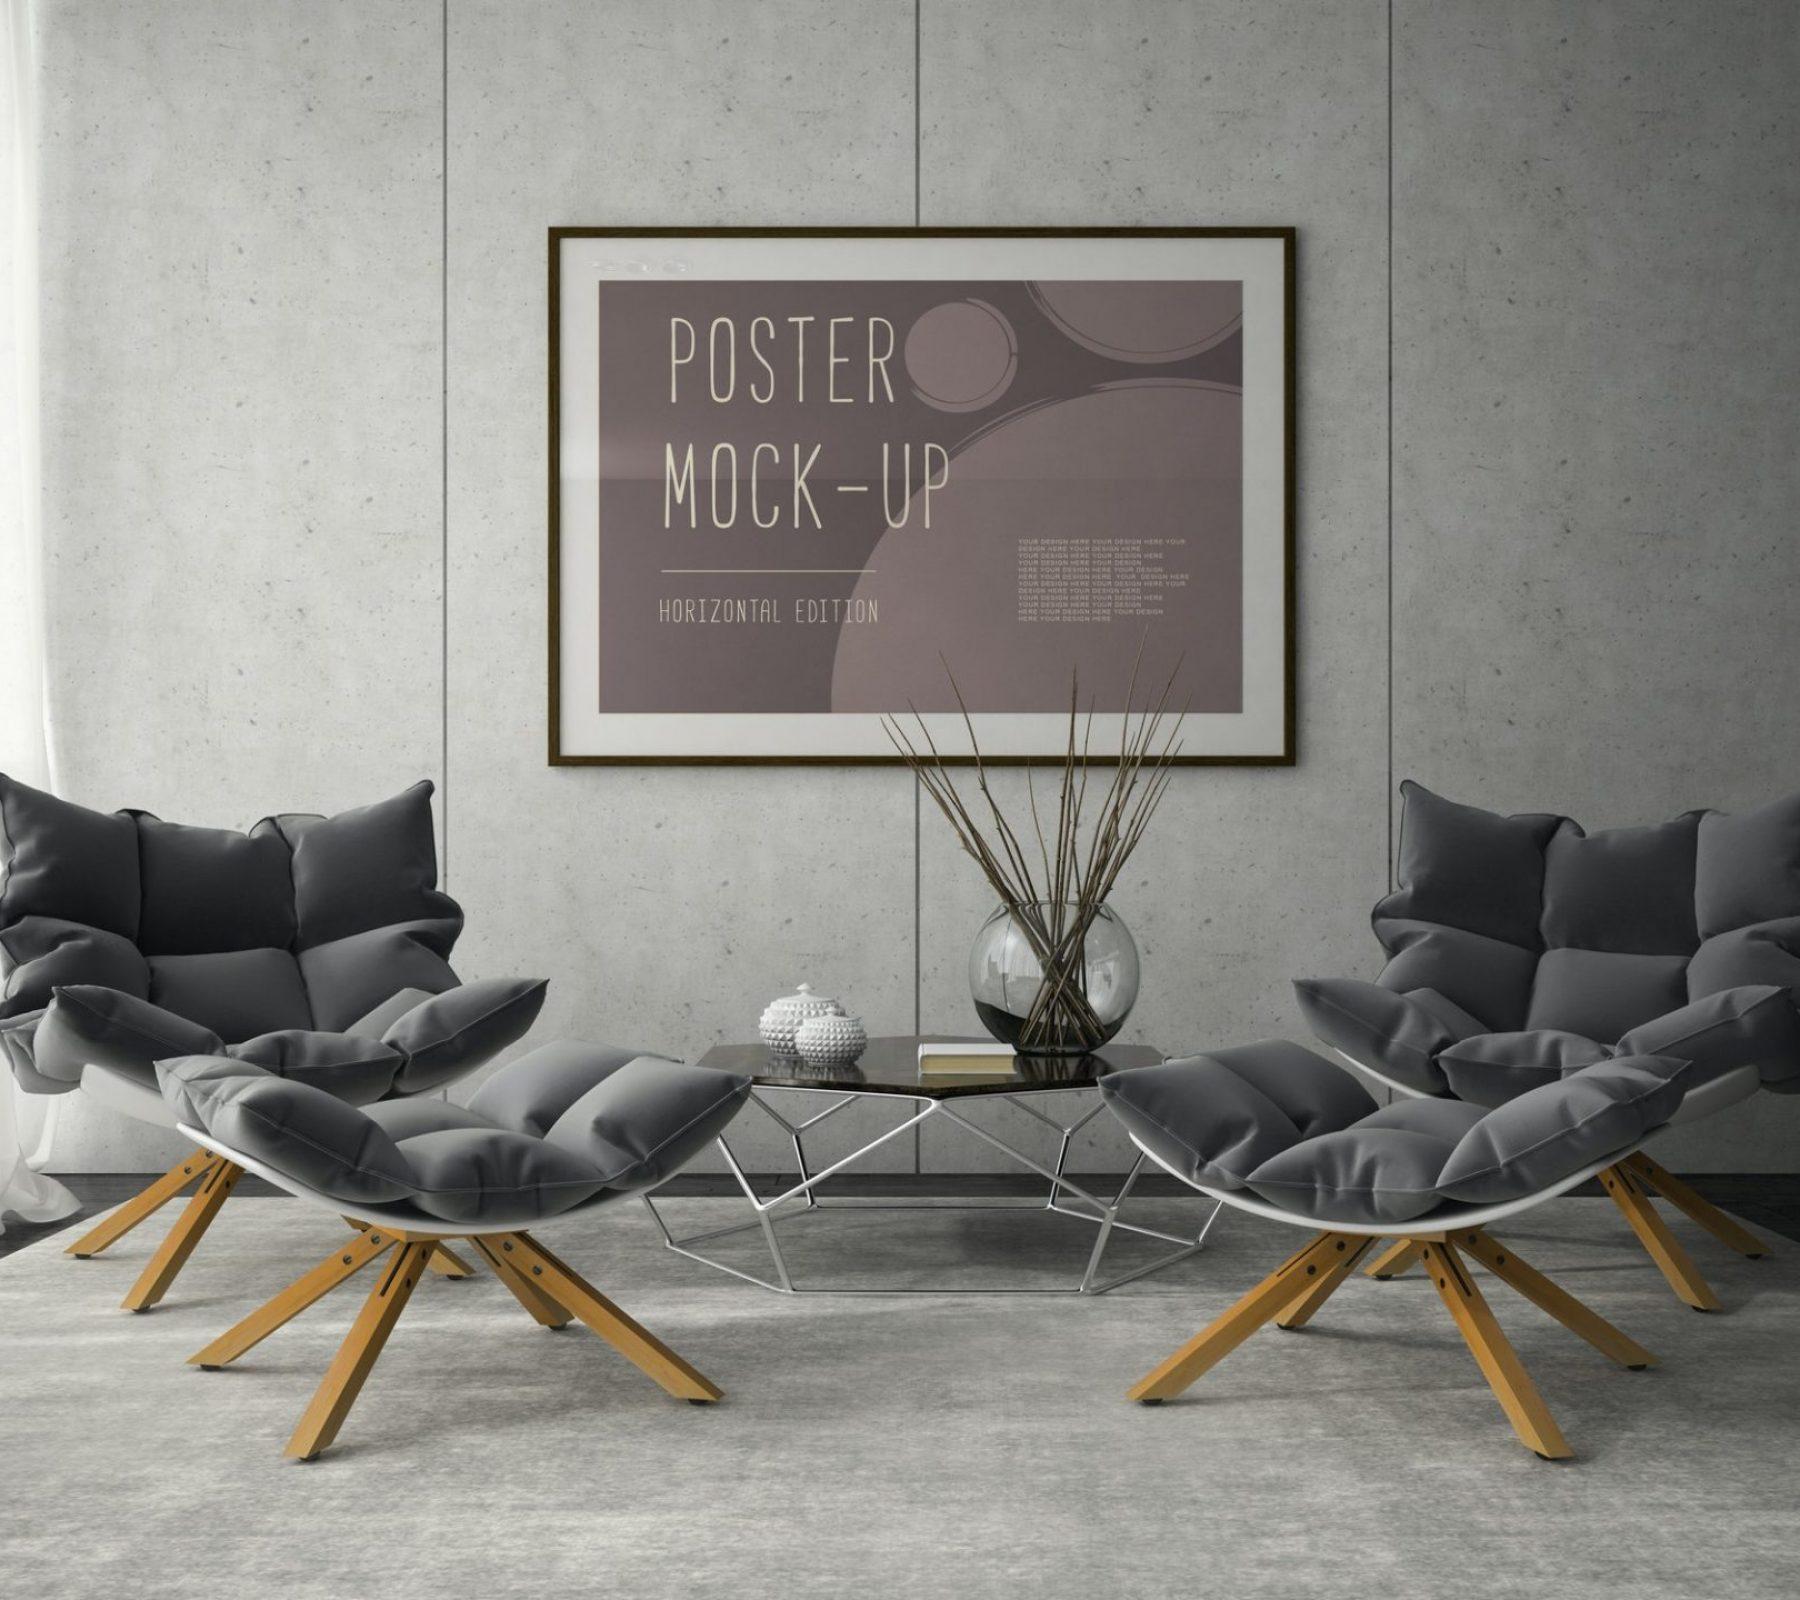 interior-of-modern-design-room-3d-illustration-e1604308263797.jpg